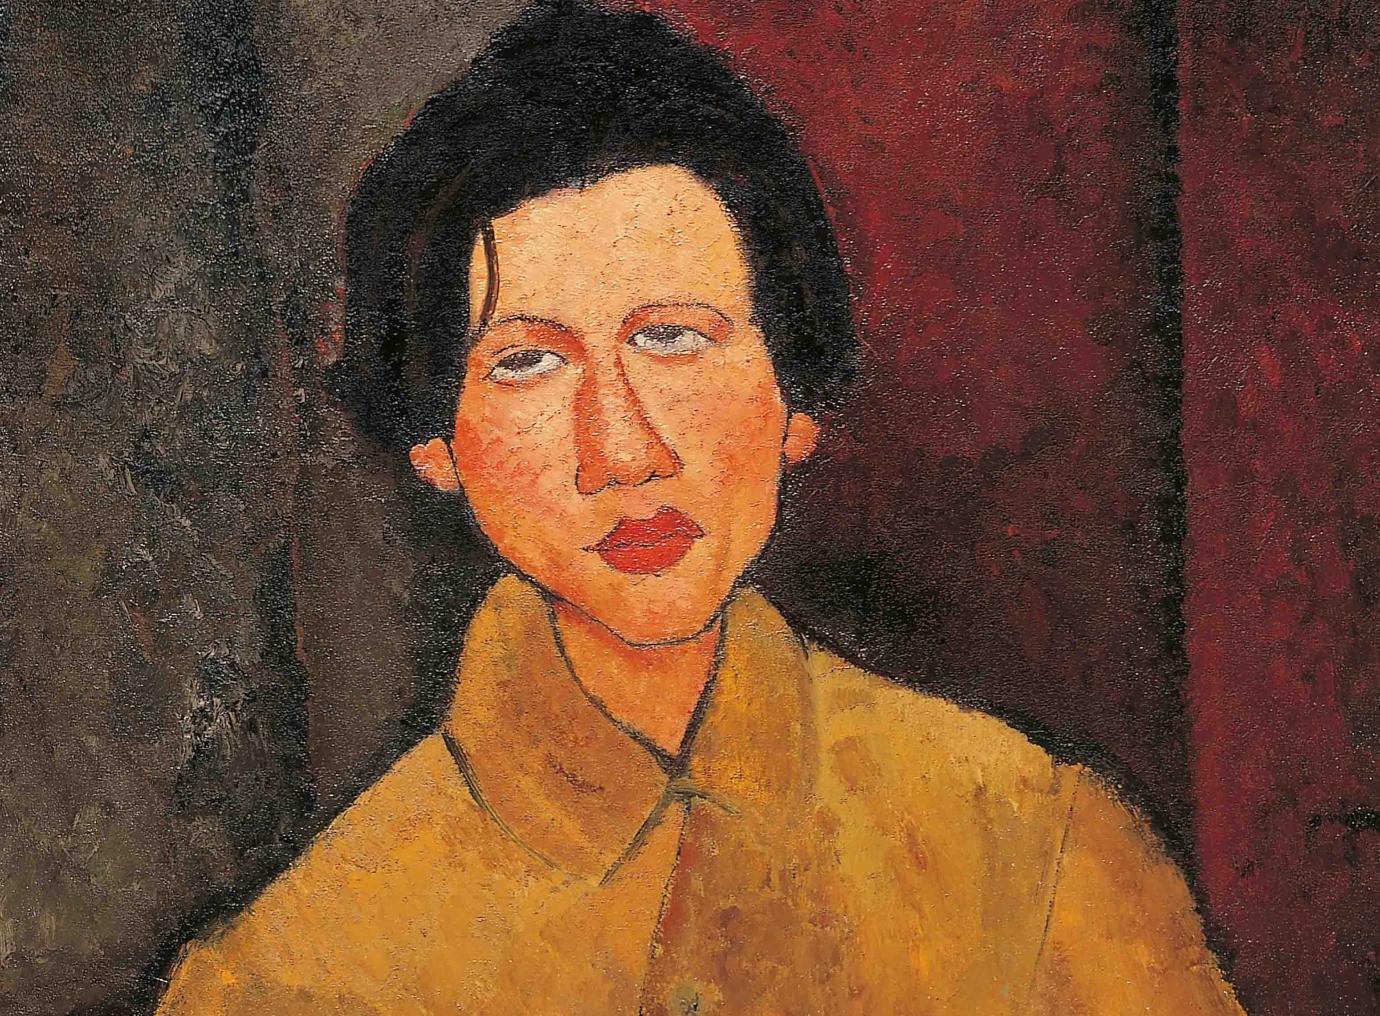 Modigliani torna nella sua Livorno: la grande retrospettiva nel centenario della scomparsa